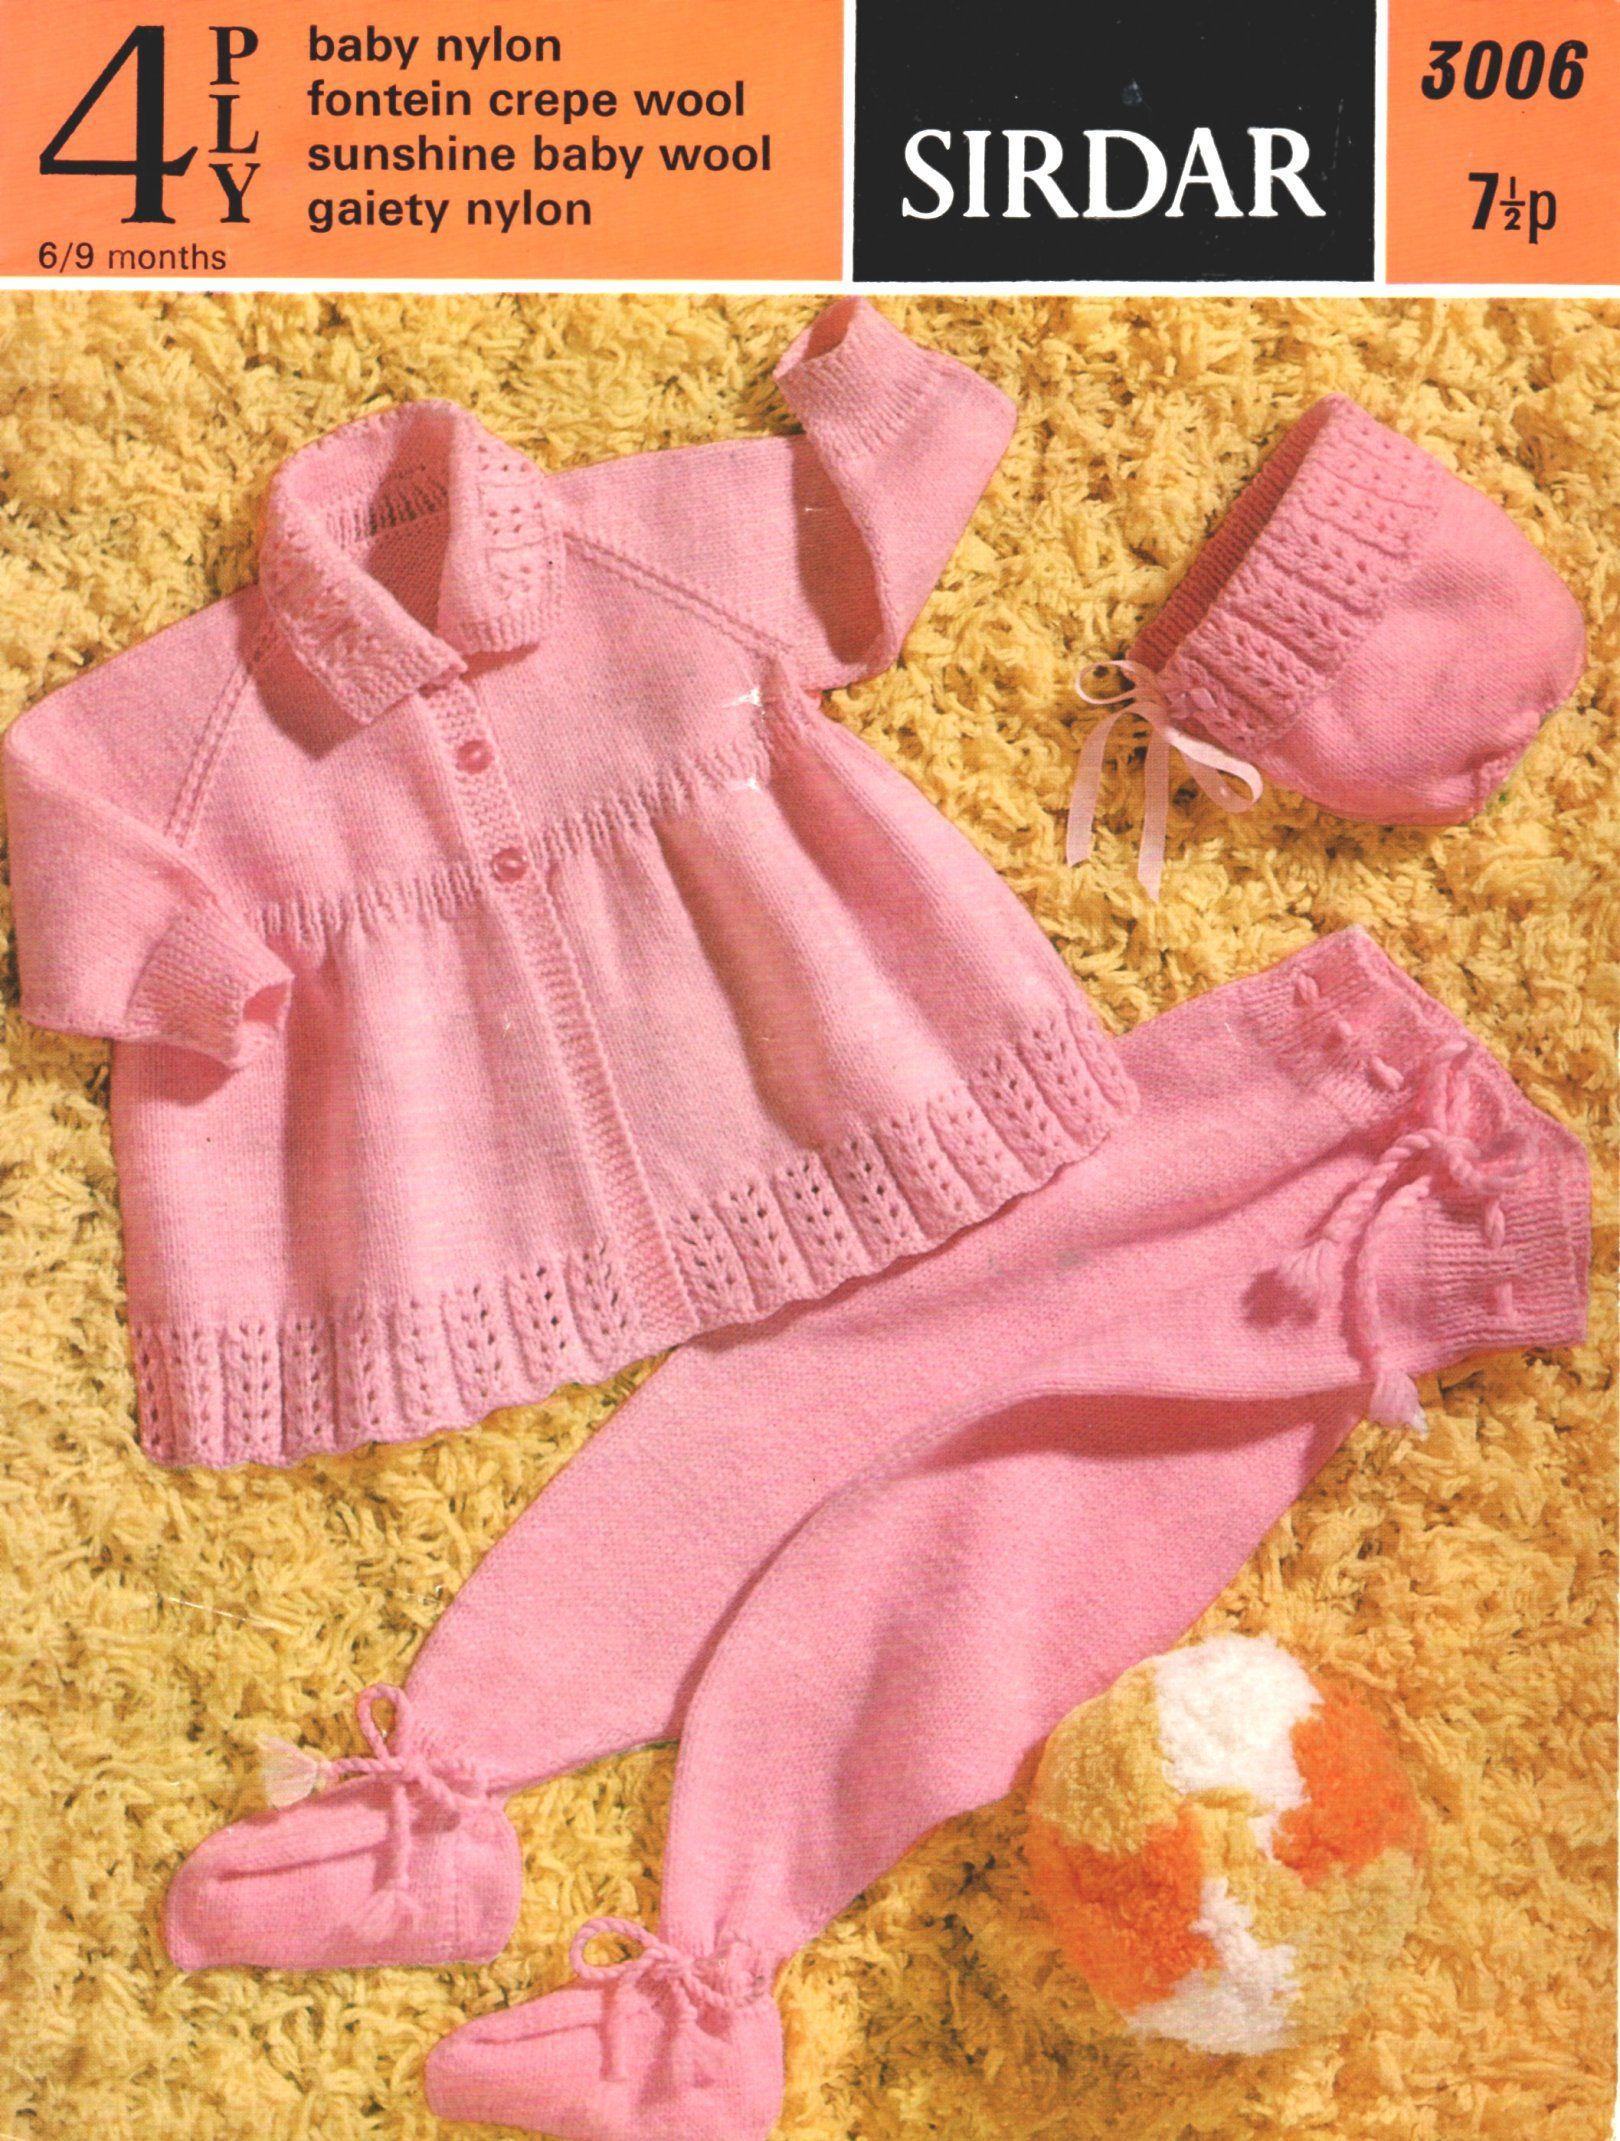 59a04a71c Vintage Sirdar Knitting Pattern to make Girl s Pram Set in 4 Ply ...